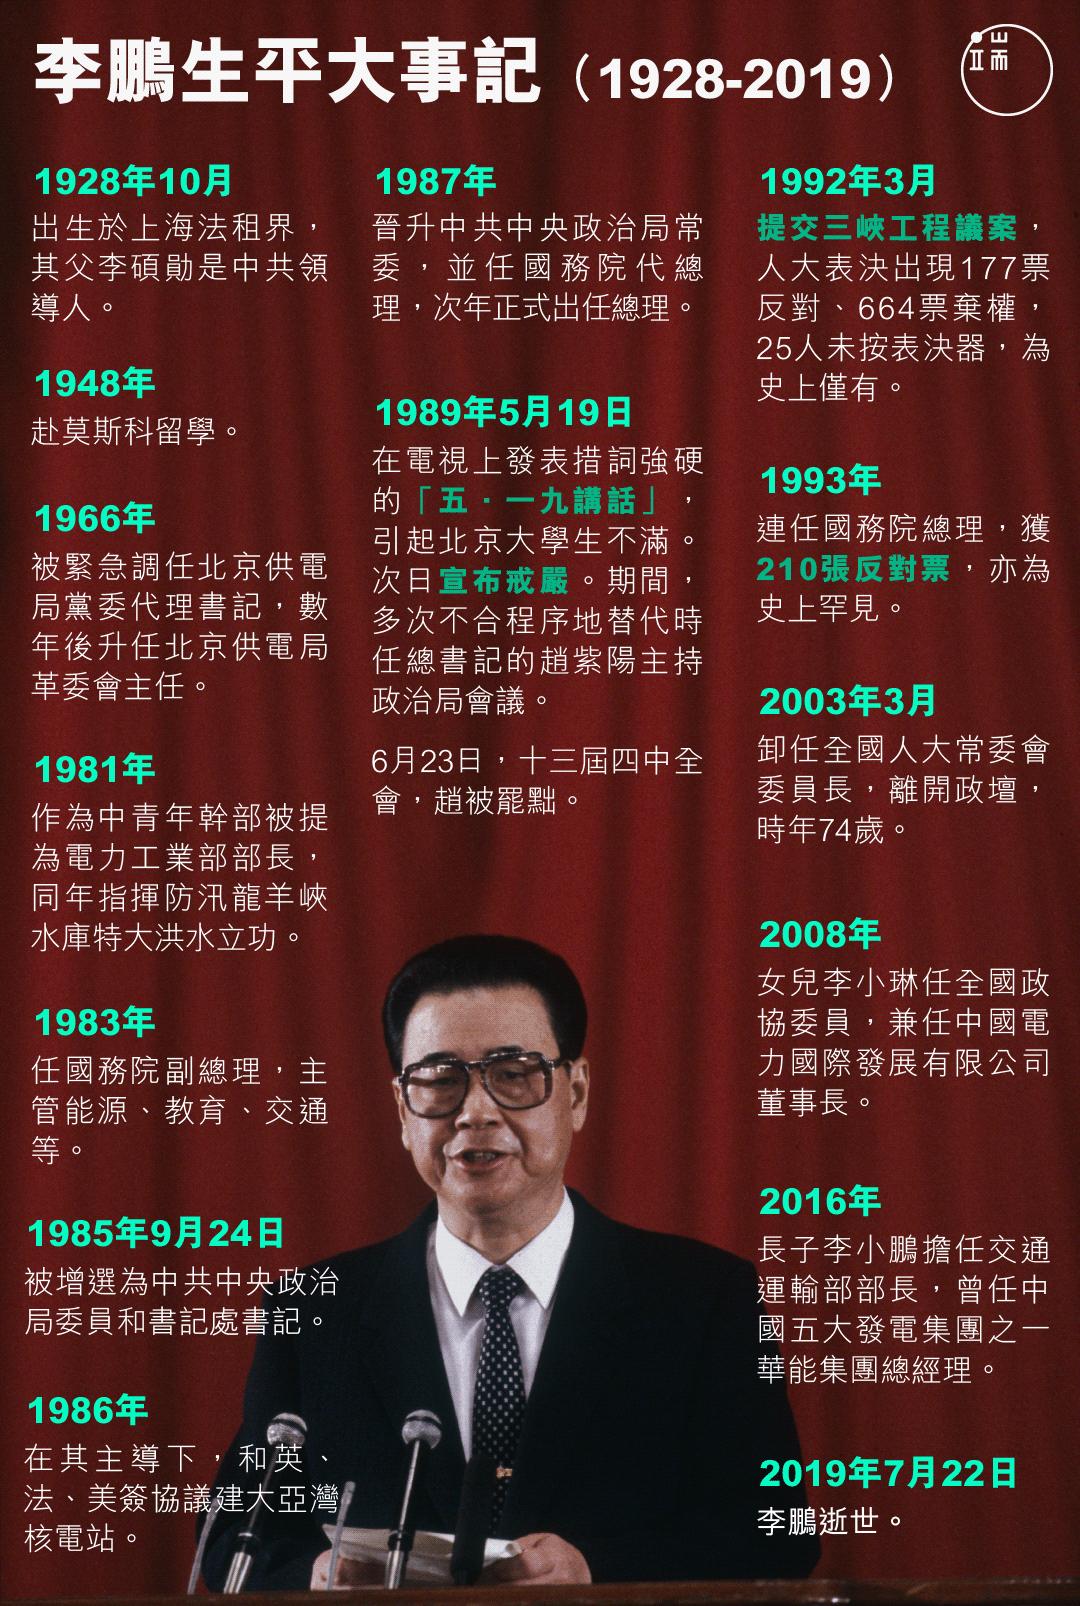 李鵬生平大事記